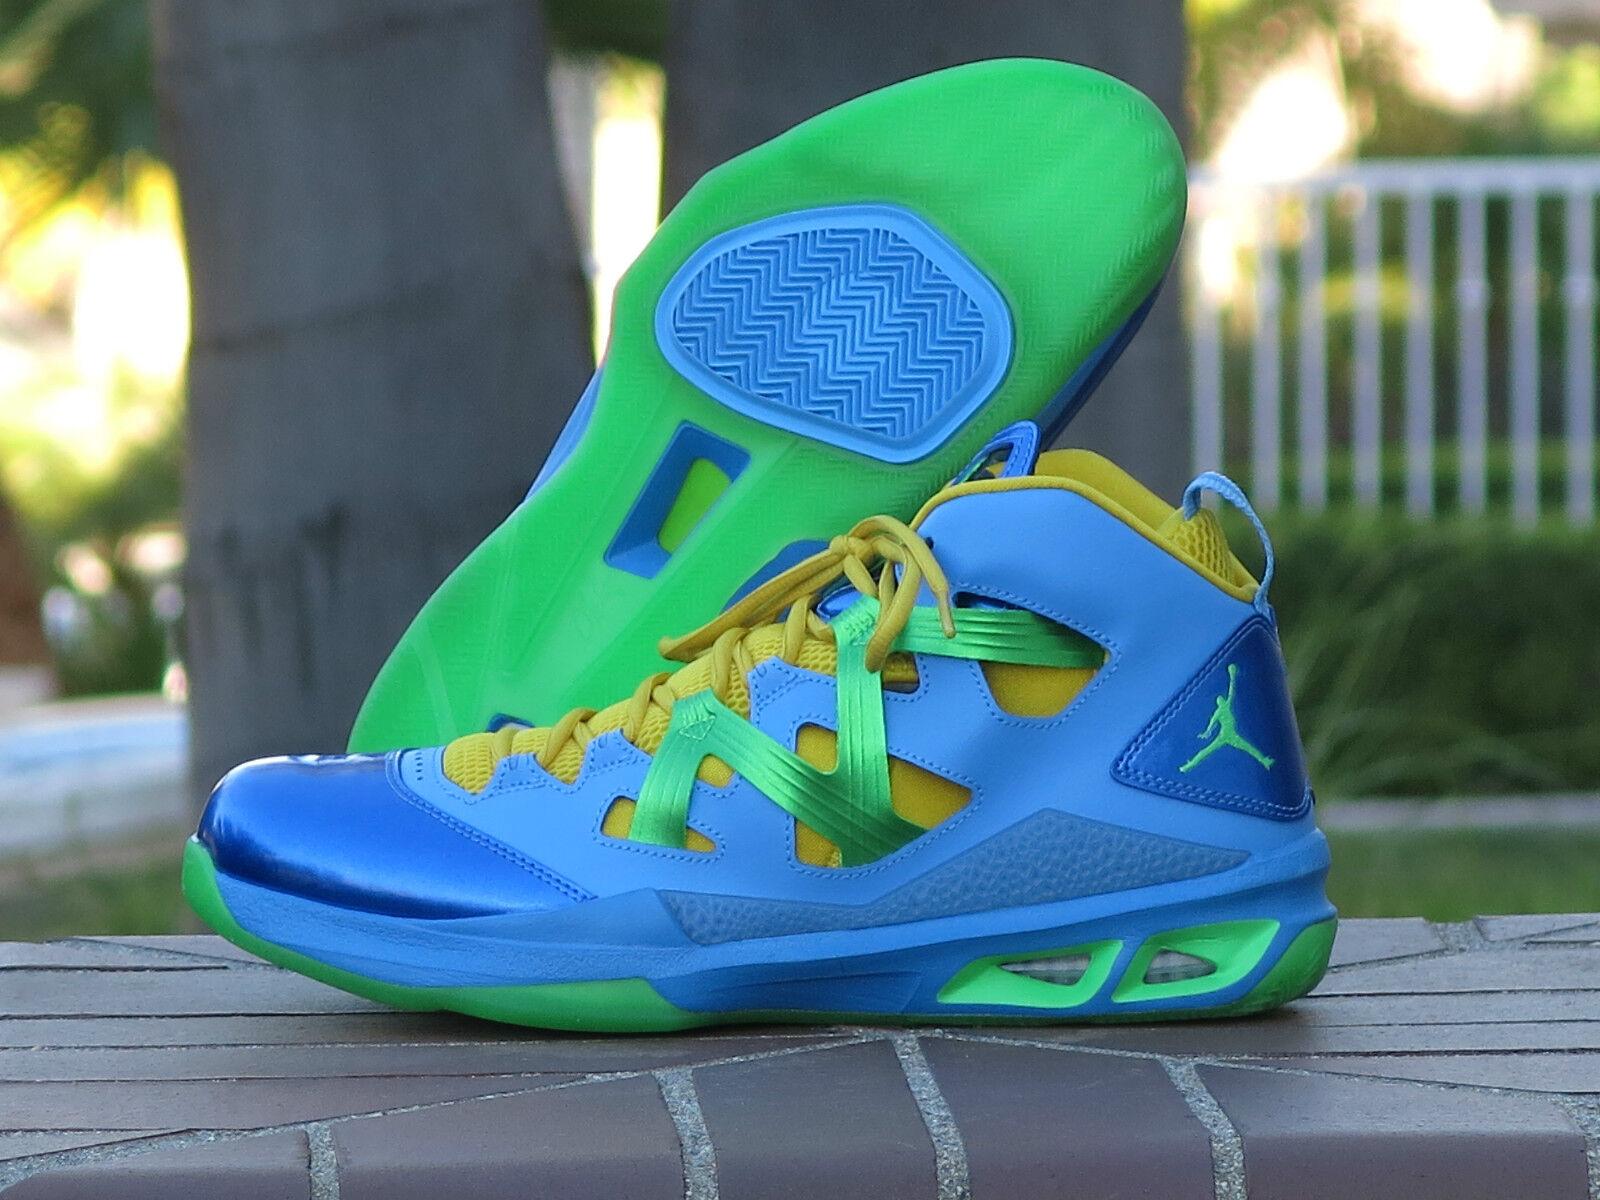 Nike Air Jordan Melo M9 Men's Basketball Shoes 551879 415 SZ 11